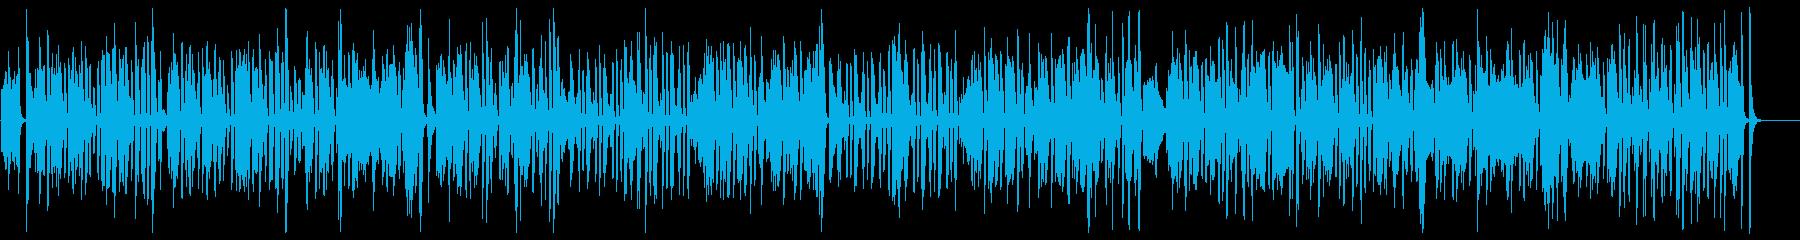 明るく愉快で楽しいラグタイム・ピアノの再生済みの波形